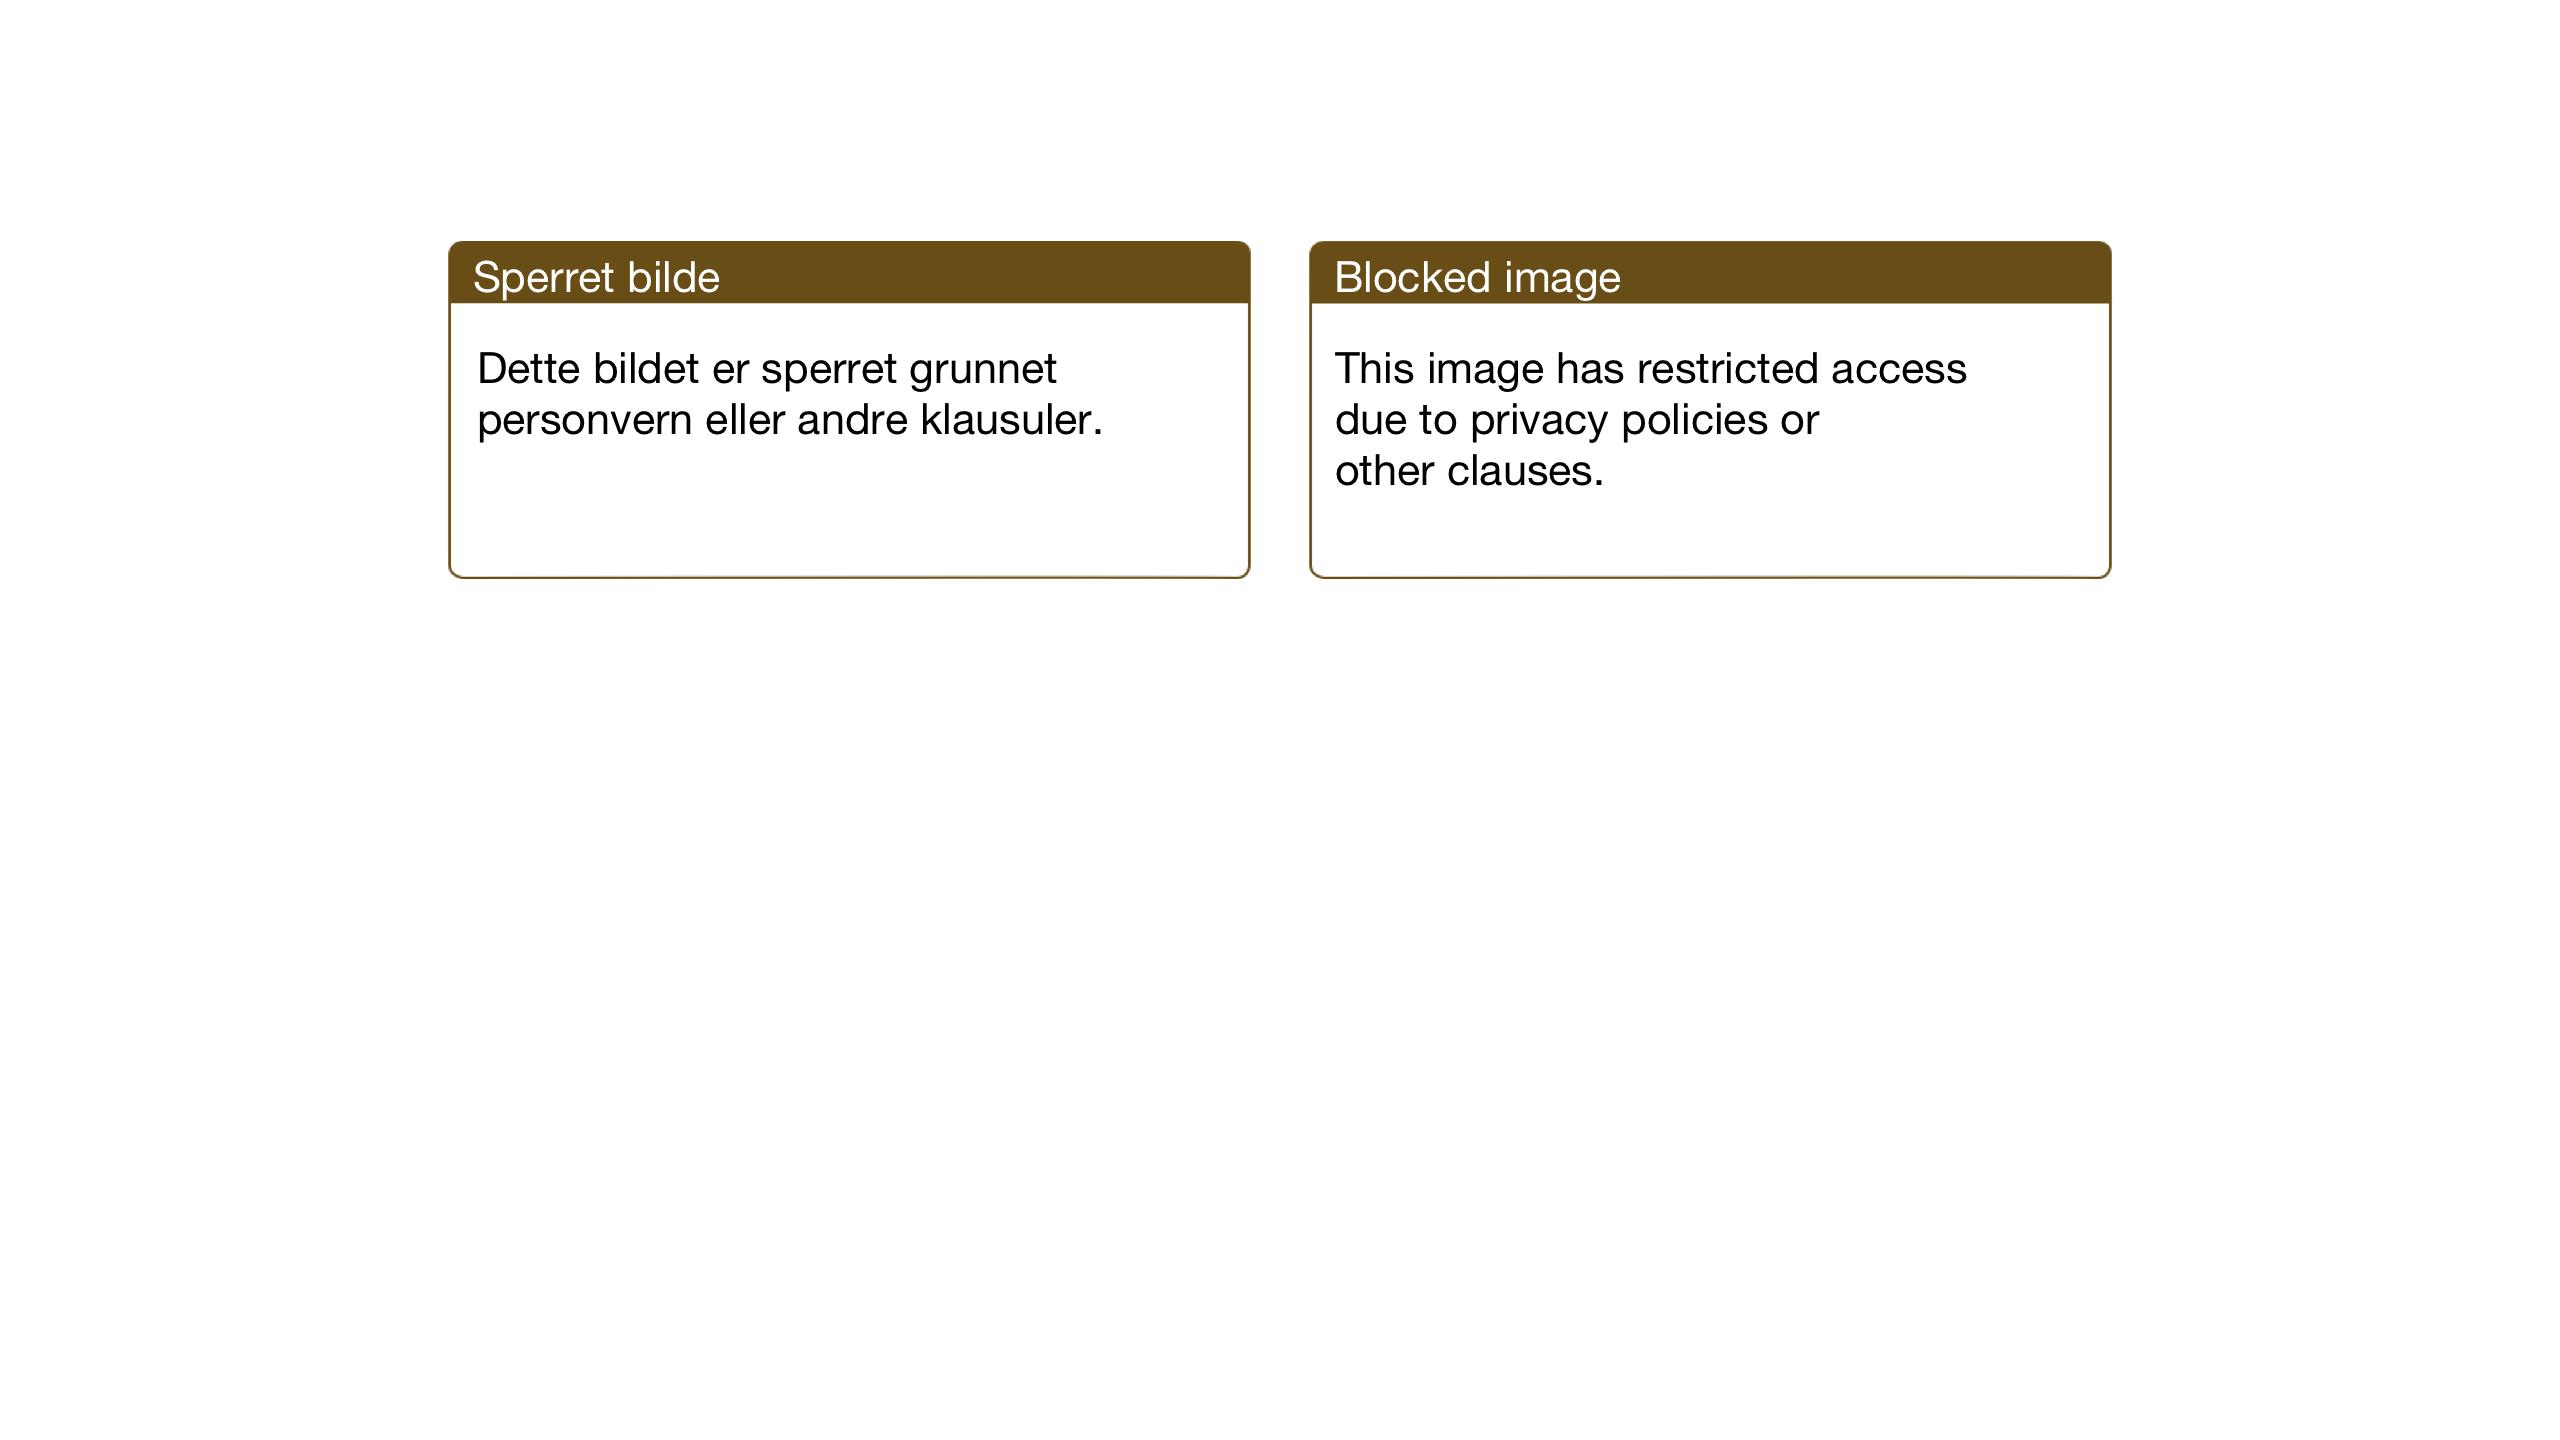 SAT, Ministerialprotokoller, klokkerbøker og fødselsregistre - Sør-Trøndelag, 657/L0718: Klokkerbok nr. 657C05, 1923-1948, s. 33